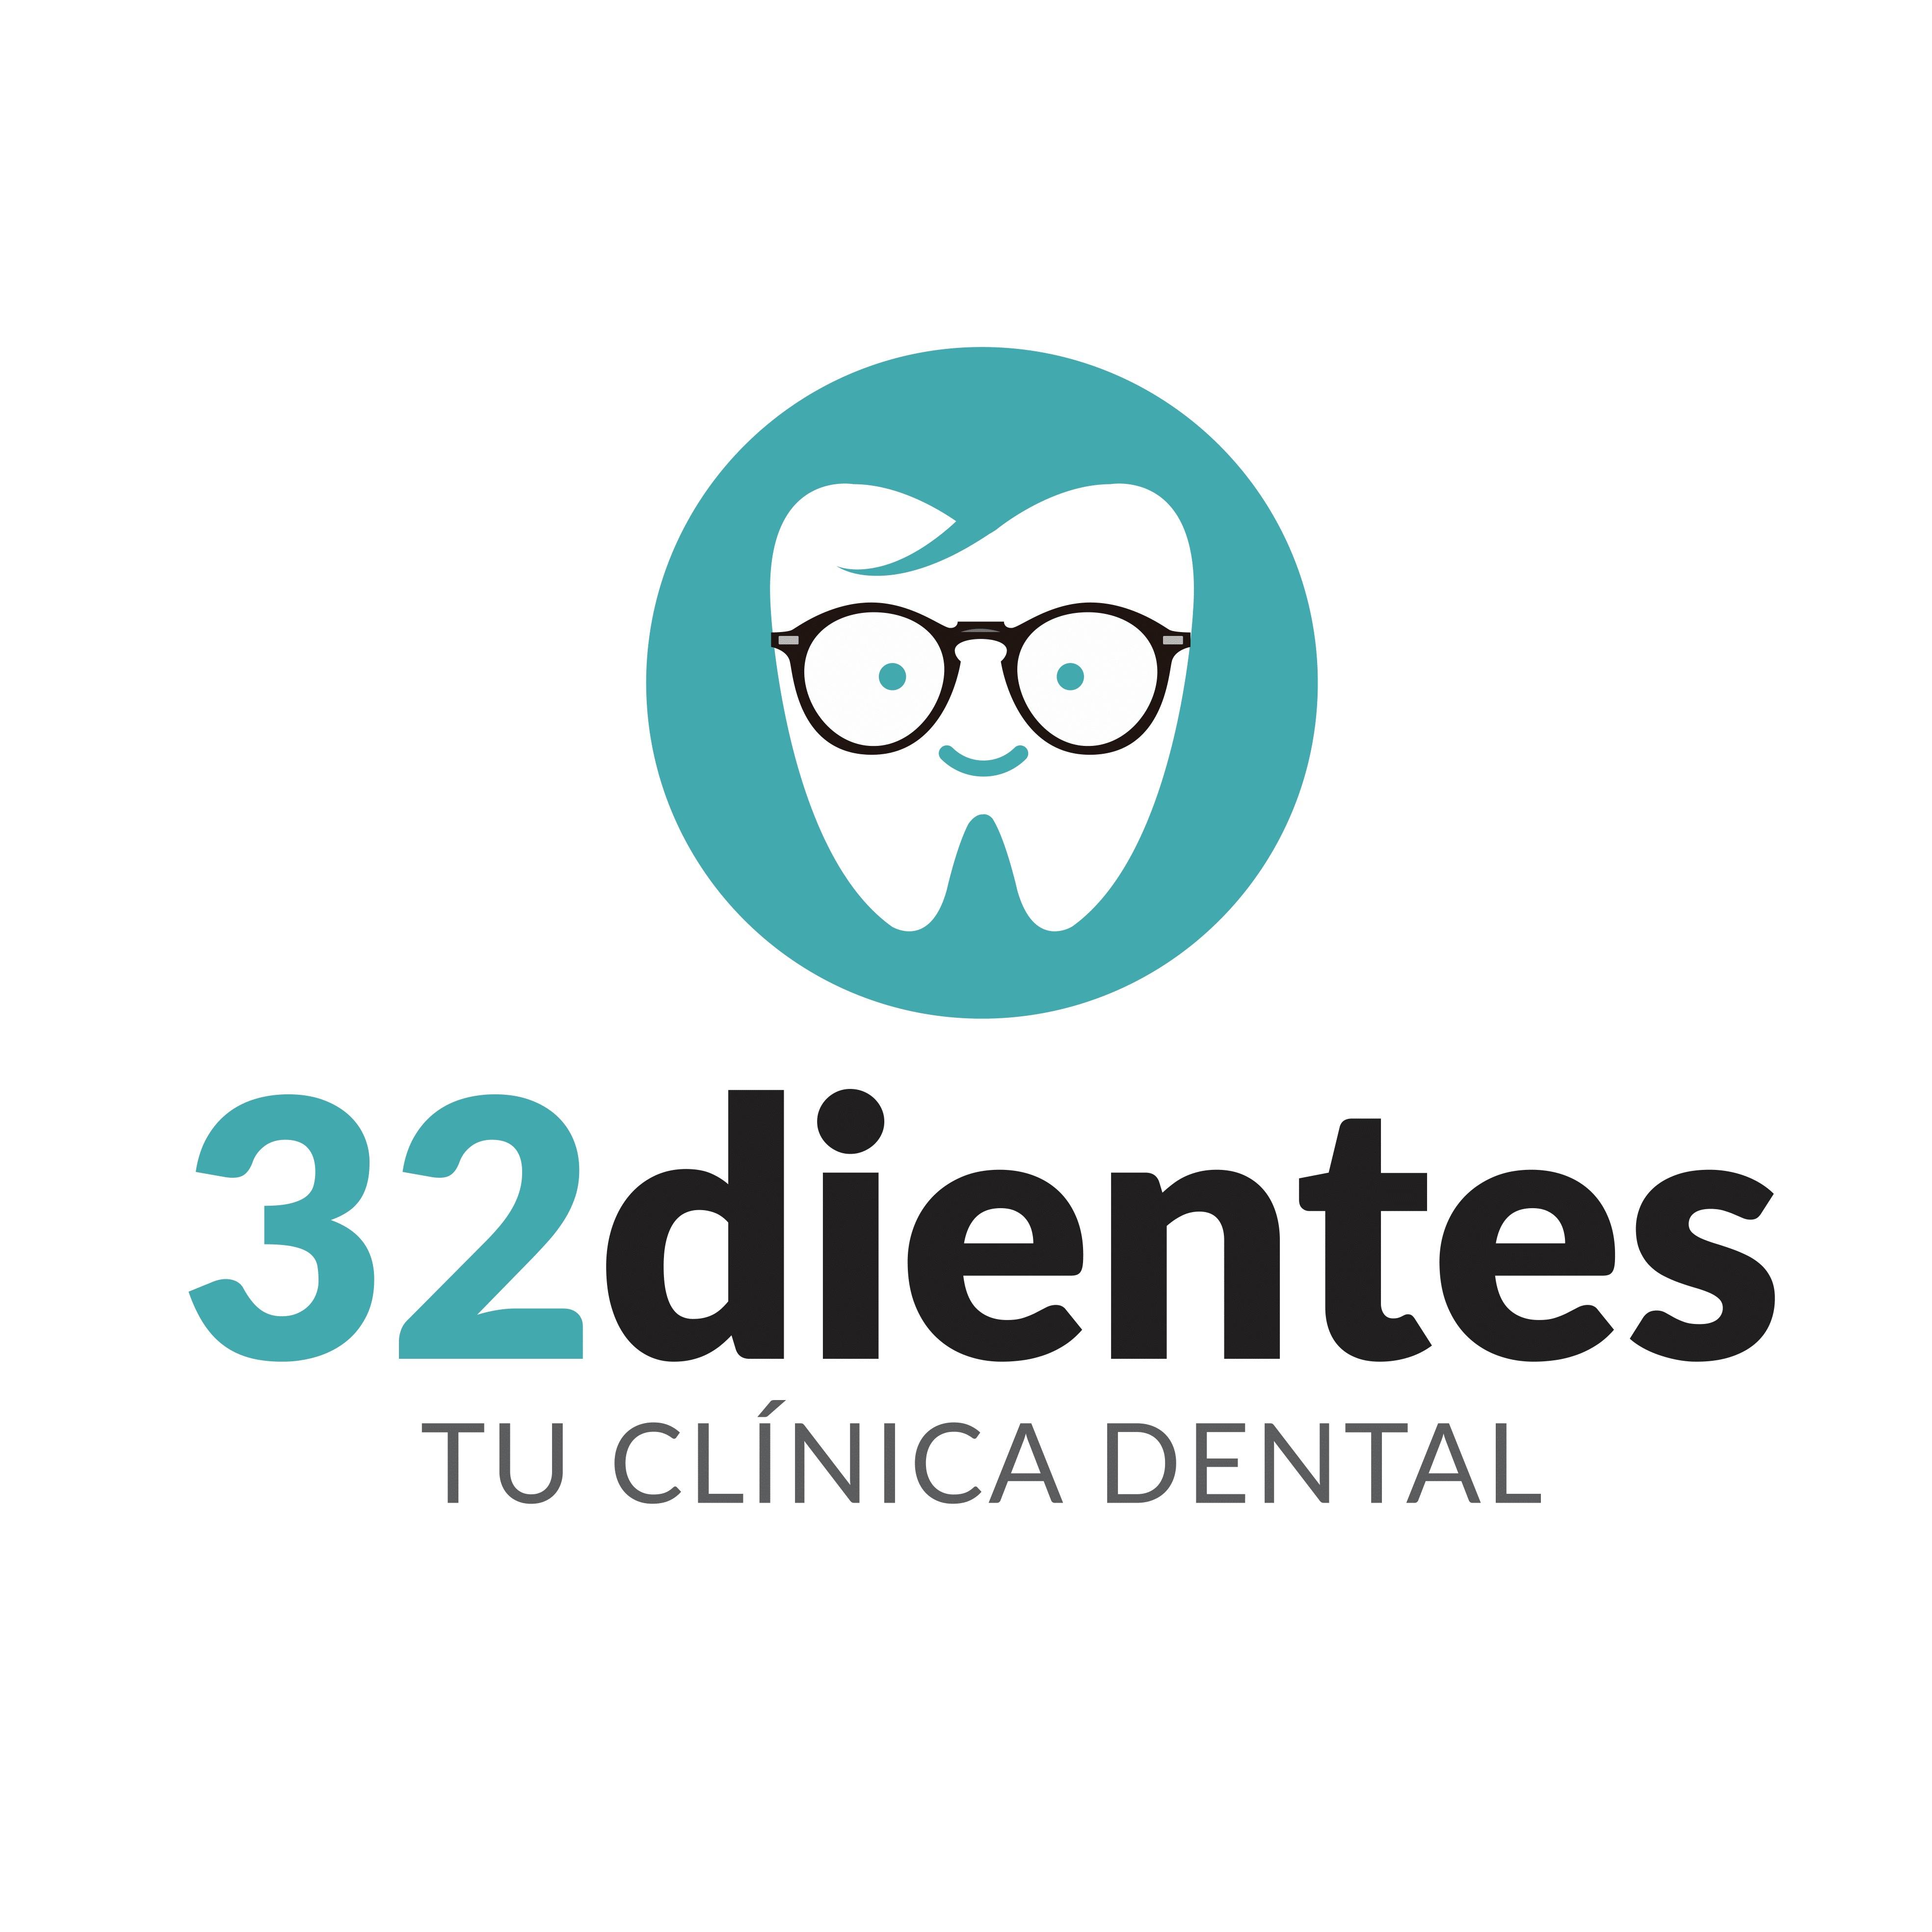 Clínica Dental 32 dientes